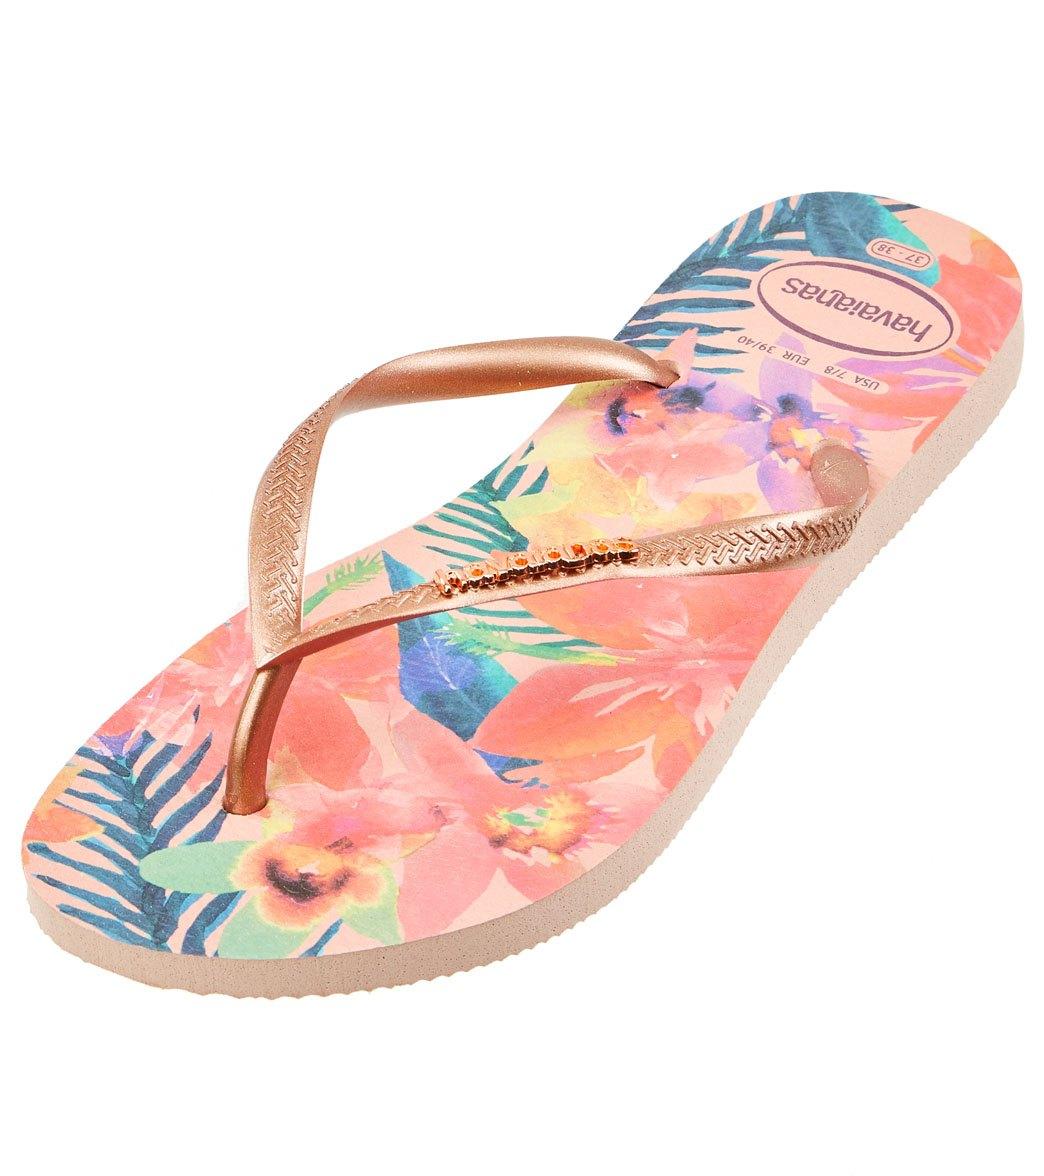 Havaianas Women s Slim Tropical Flip Flop at SwimOutlet.com e8681671c